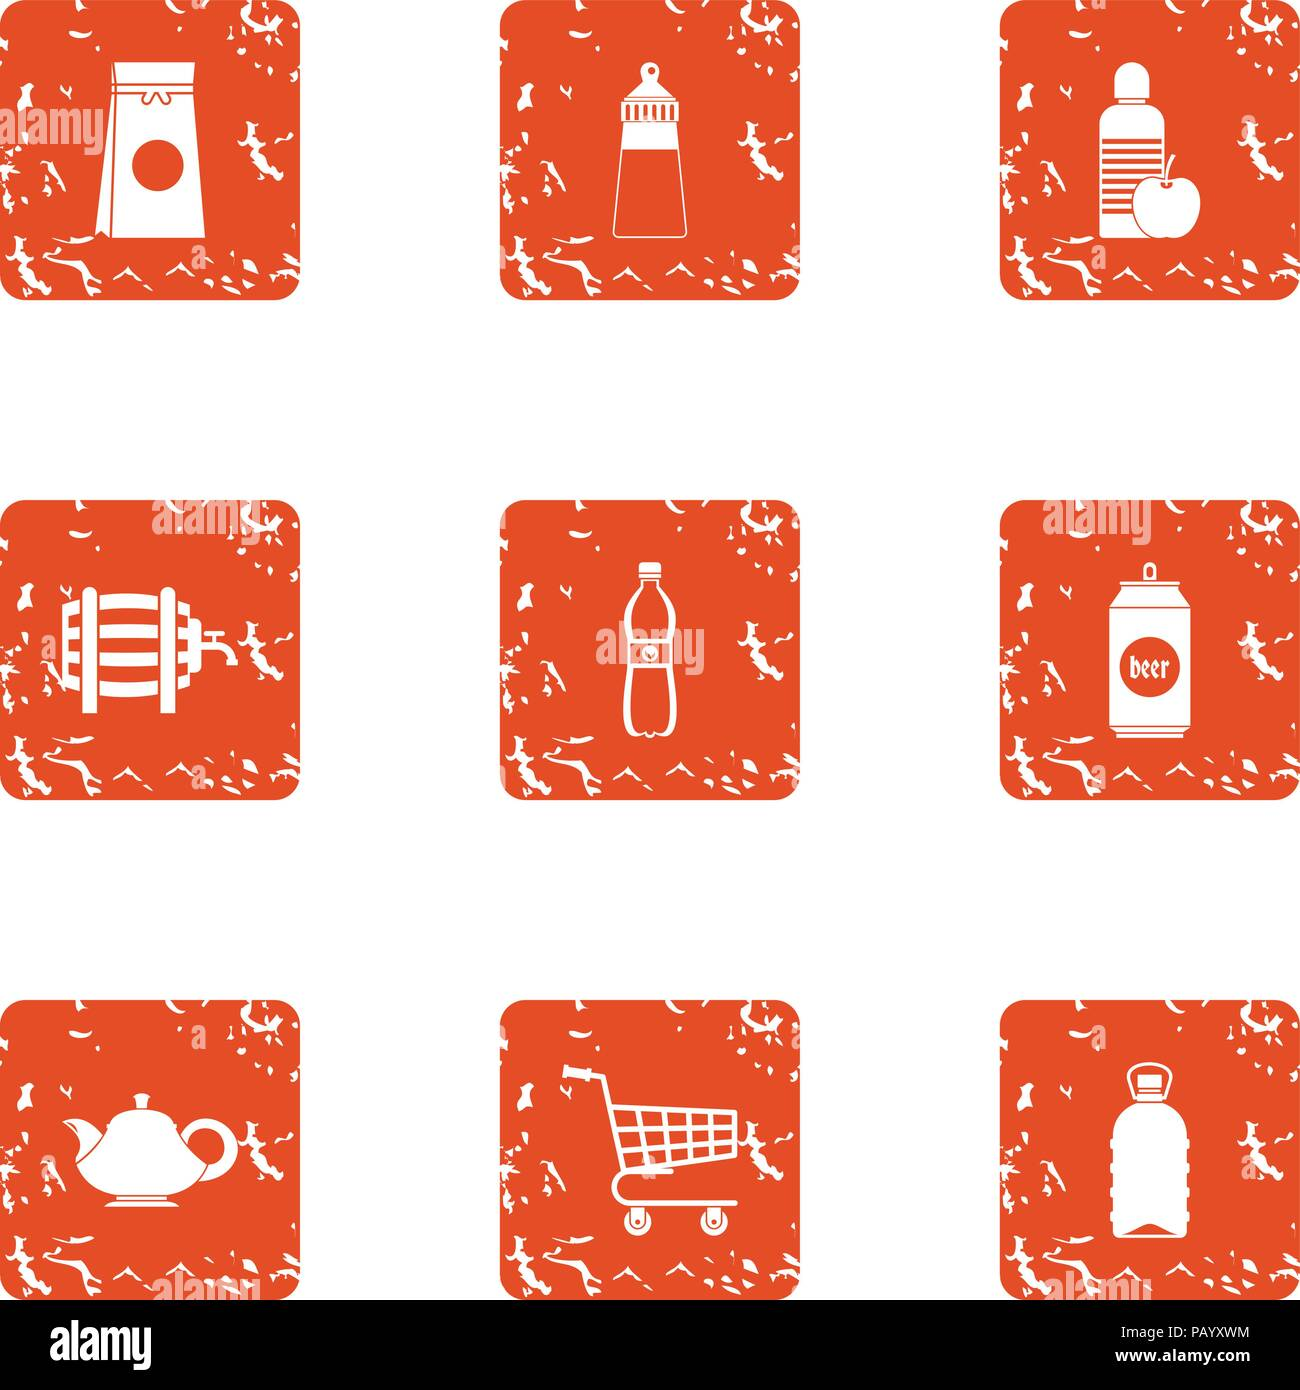 Drink shop icons set, grunge style - Stock Image